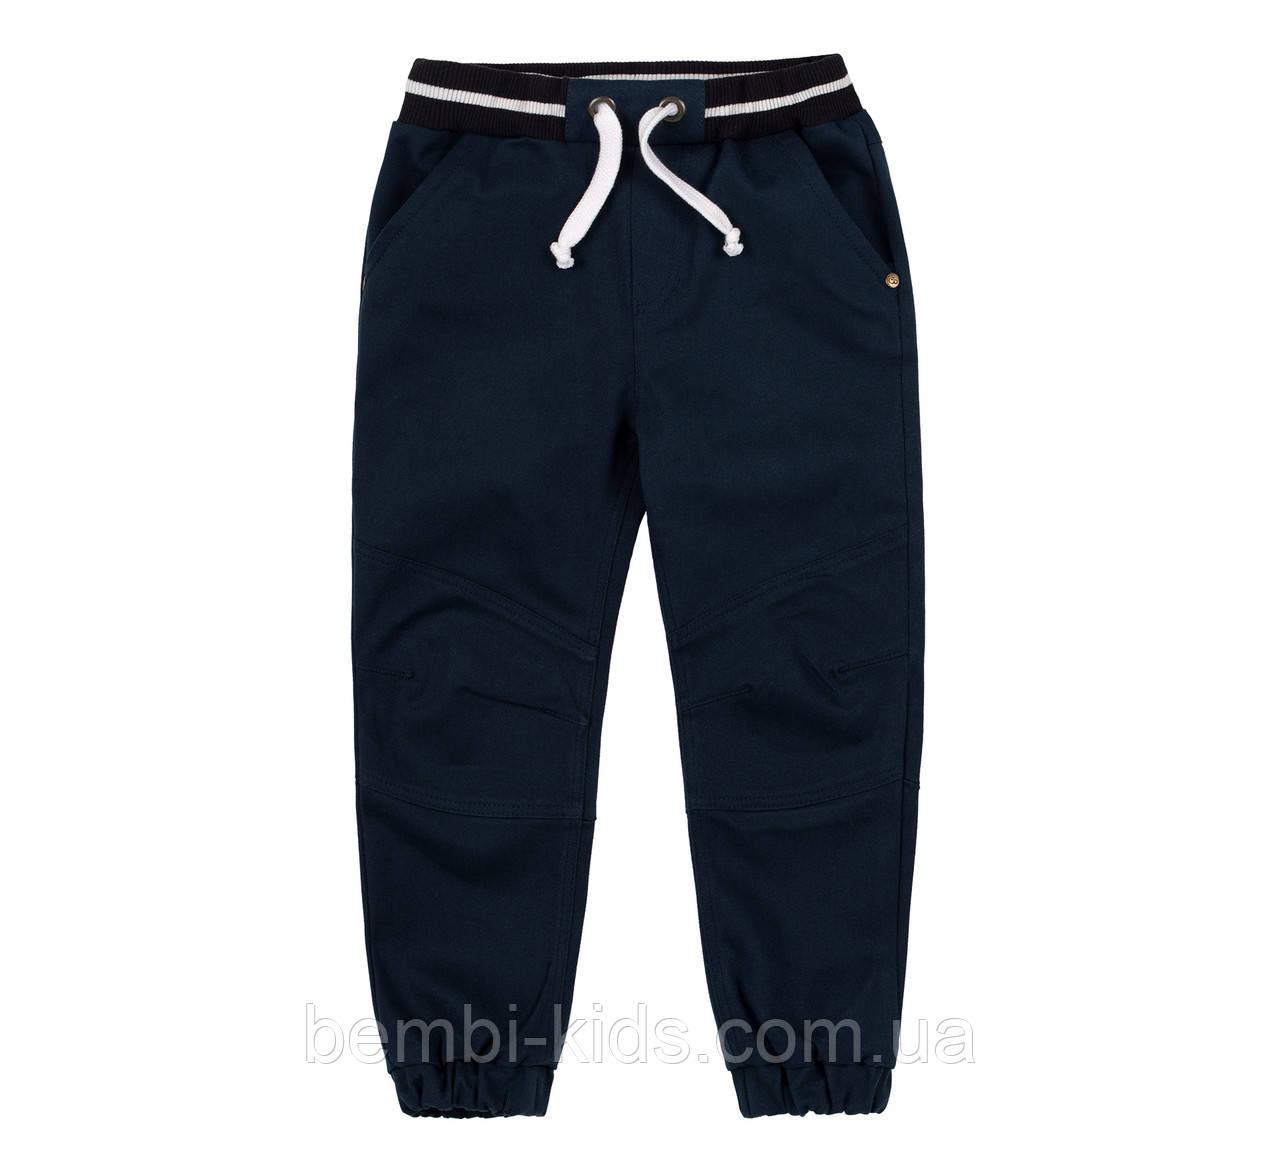 Стильные коттоновые штаны для мальчика. ШР 633